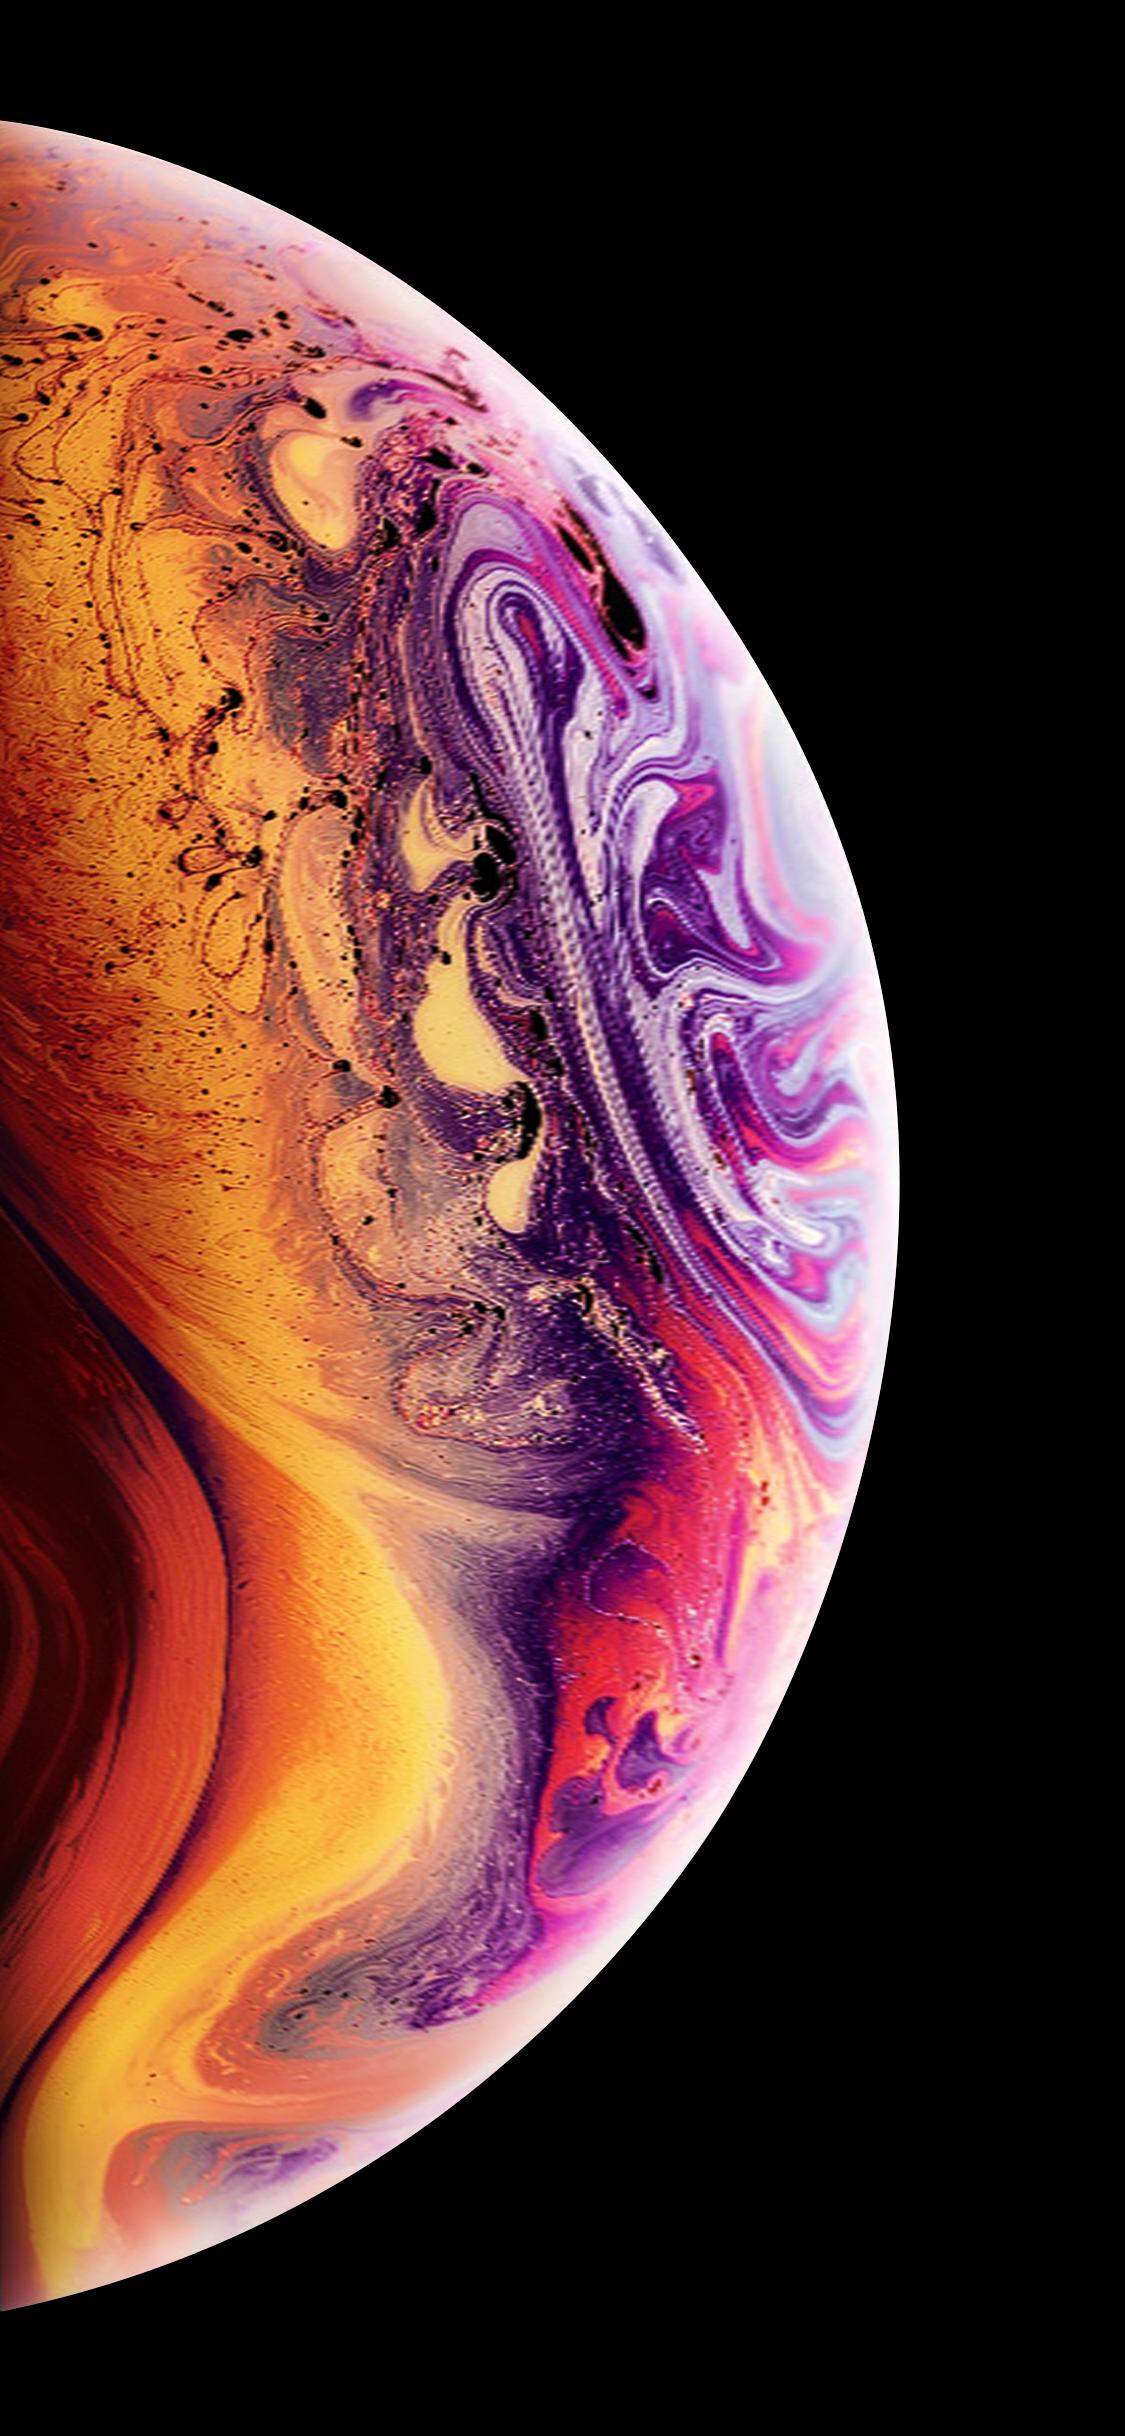 Pin Oleh Leopoldo Di Ios Wallpaper Hd Iphone Wallpaper Apel Galaxy Wallpaper